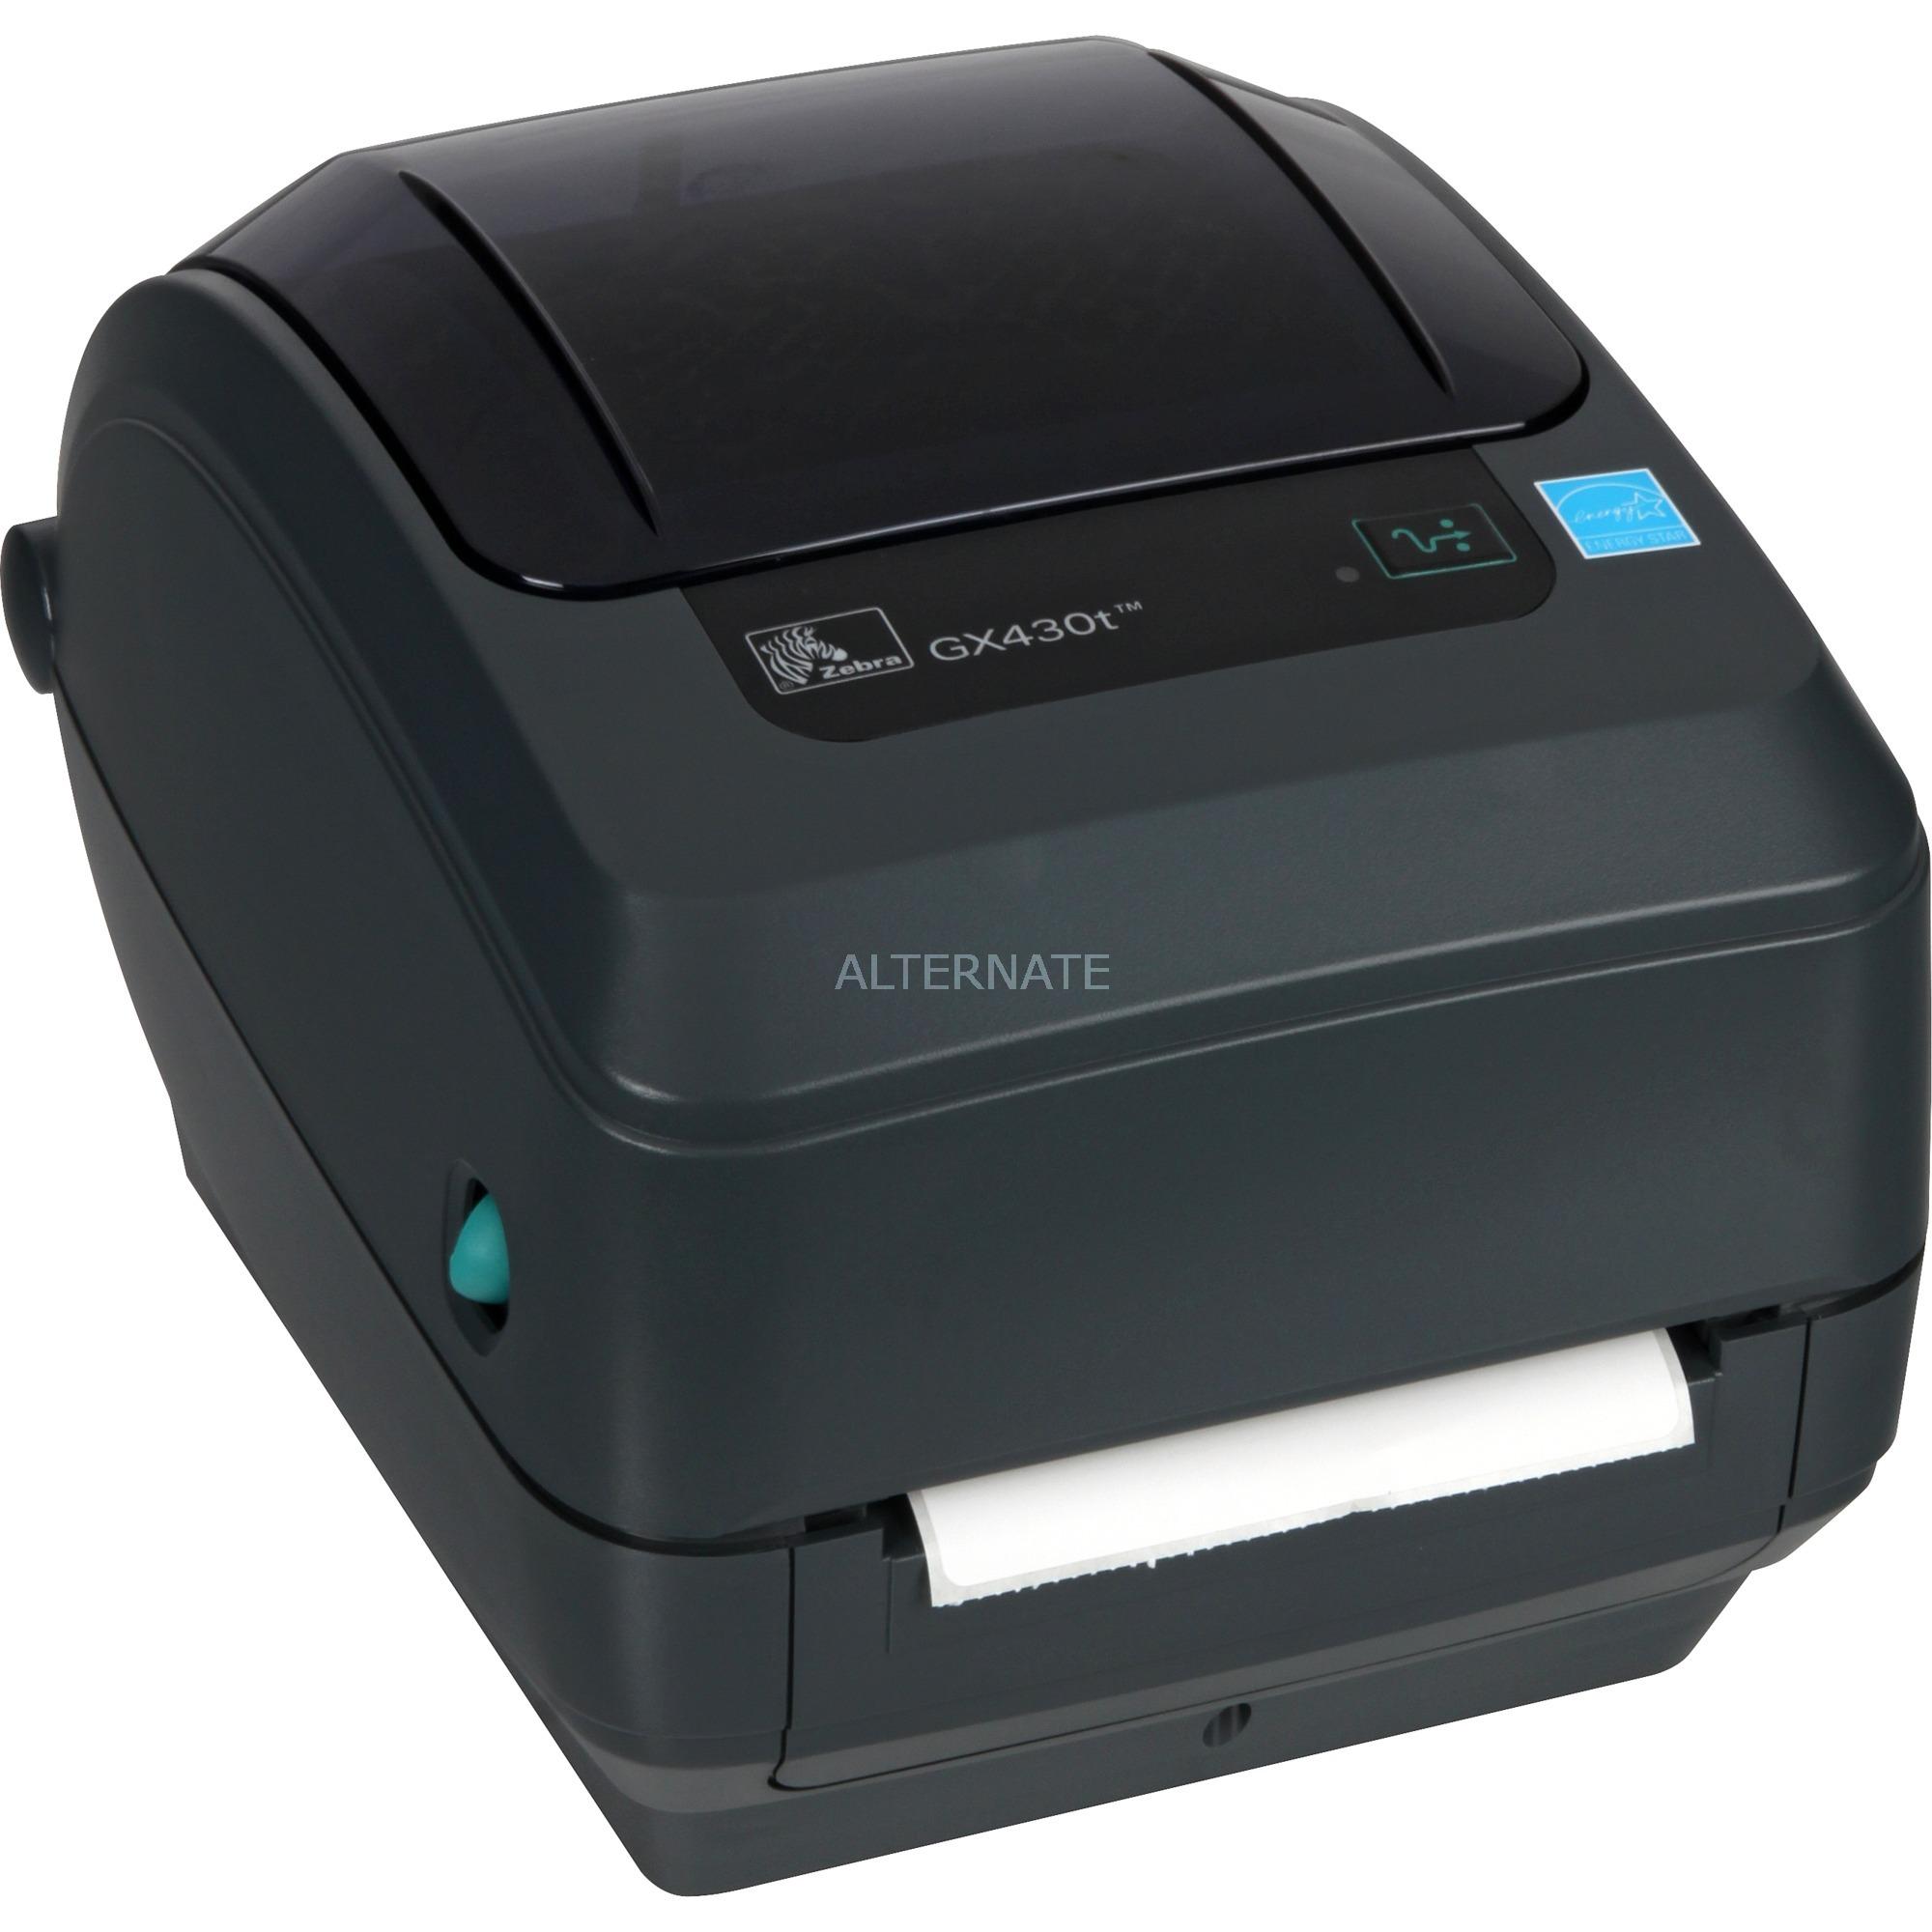 GX430t Térmica directa / transferencia térmica 300 x 300DPI impresora de etiquetas, Rotulador